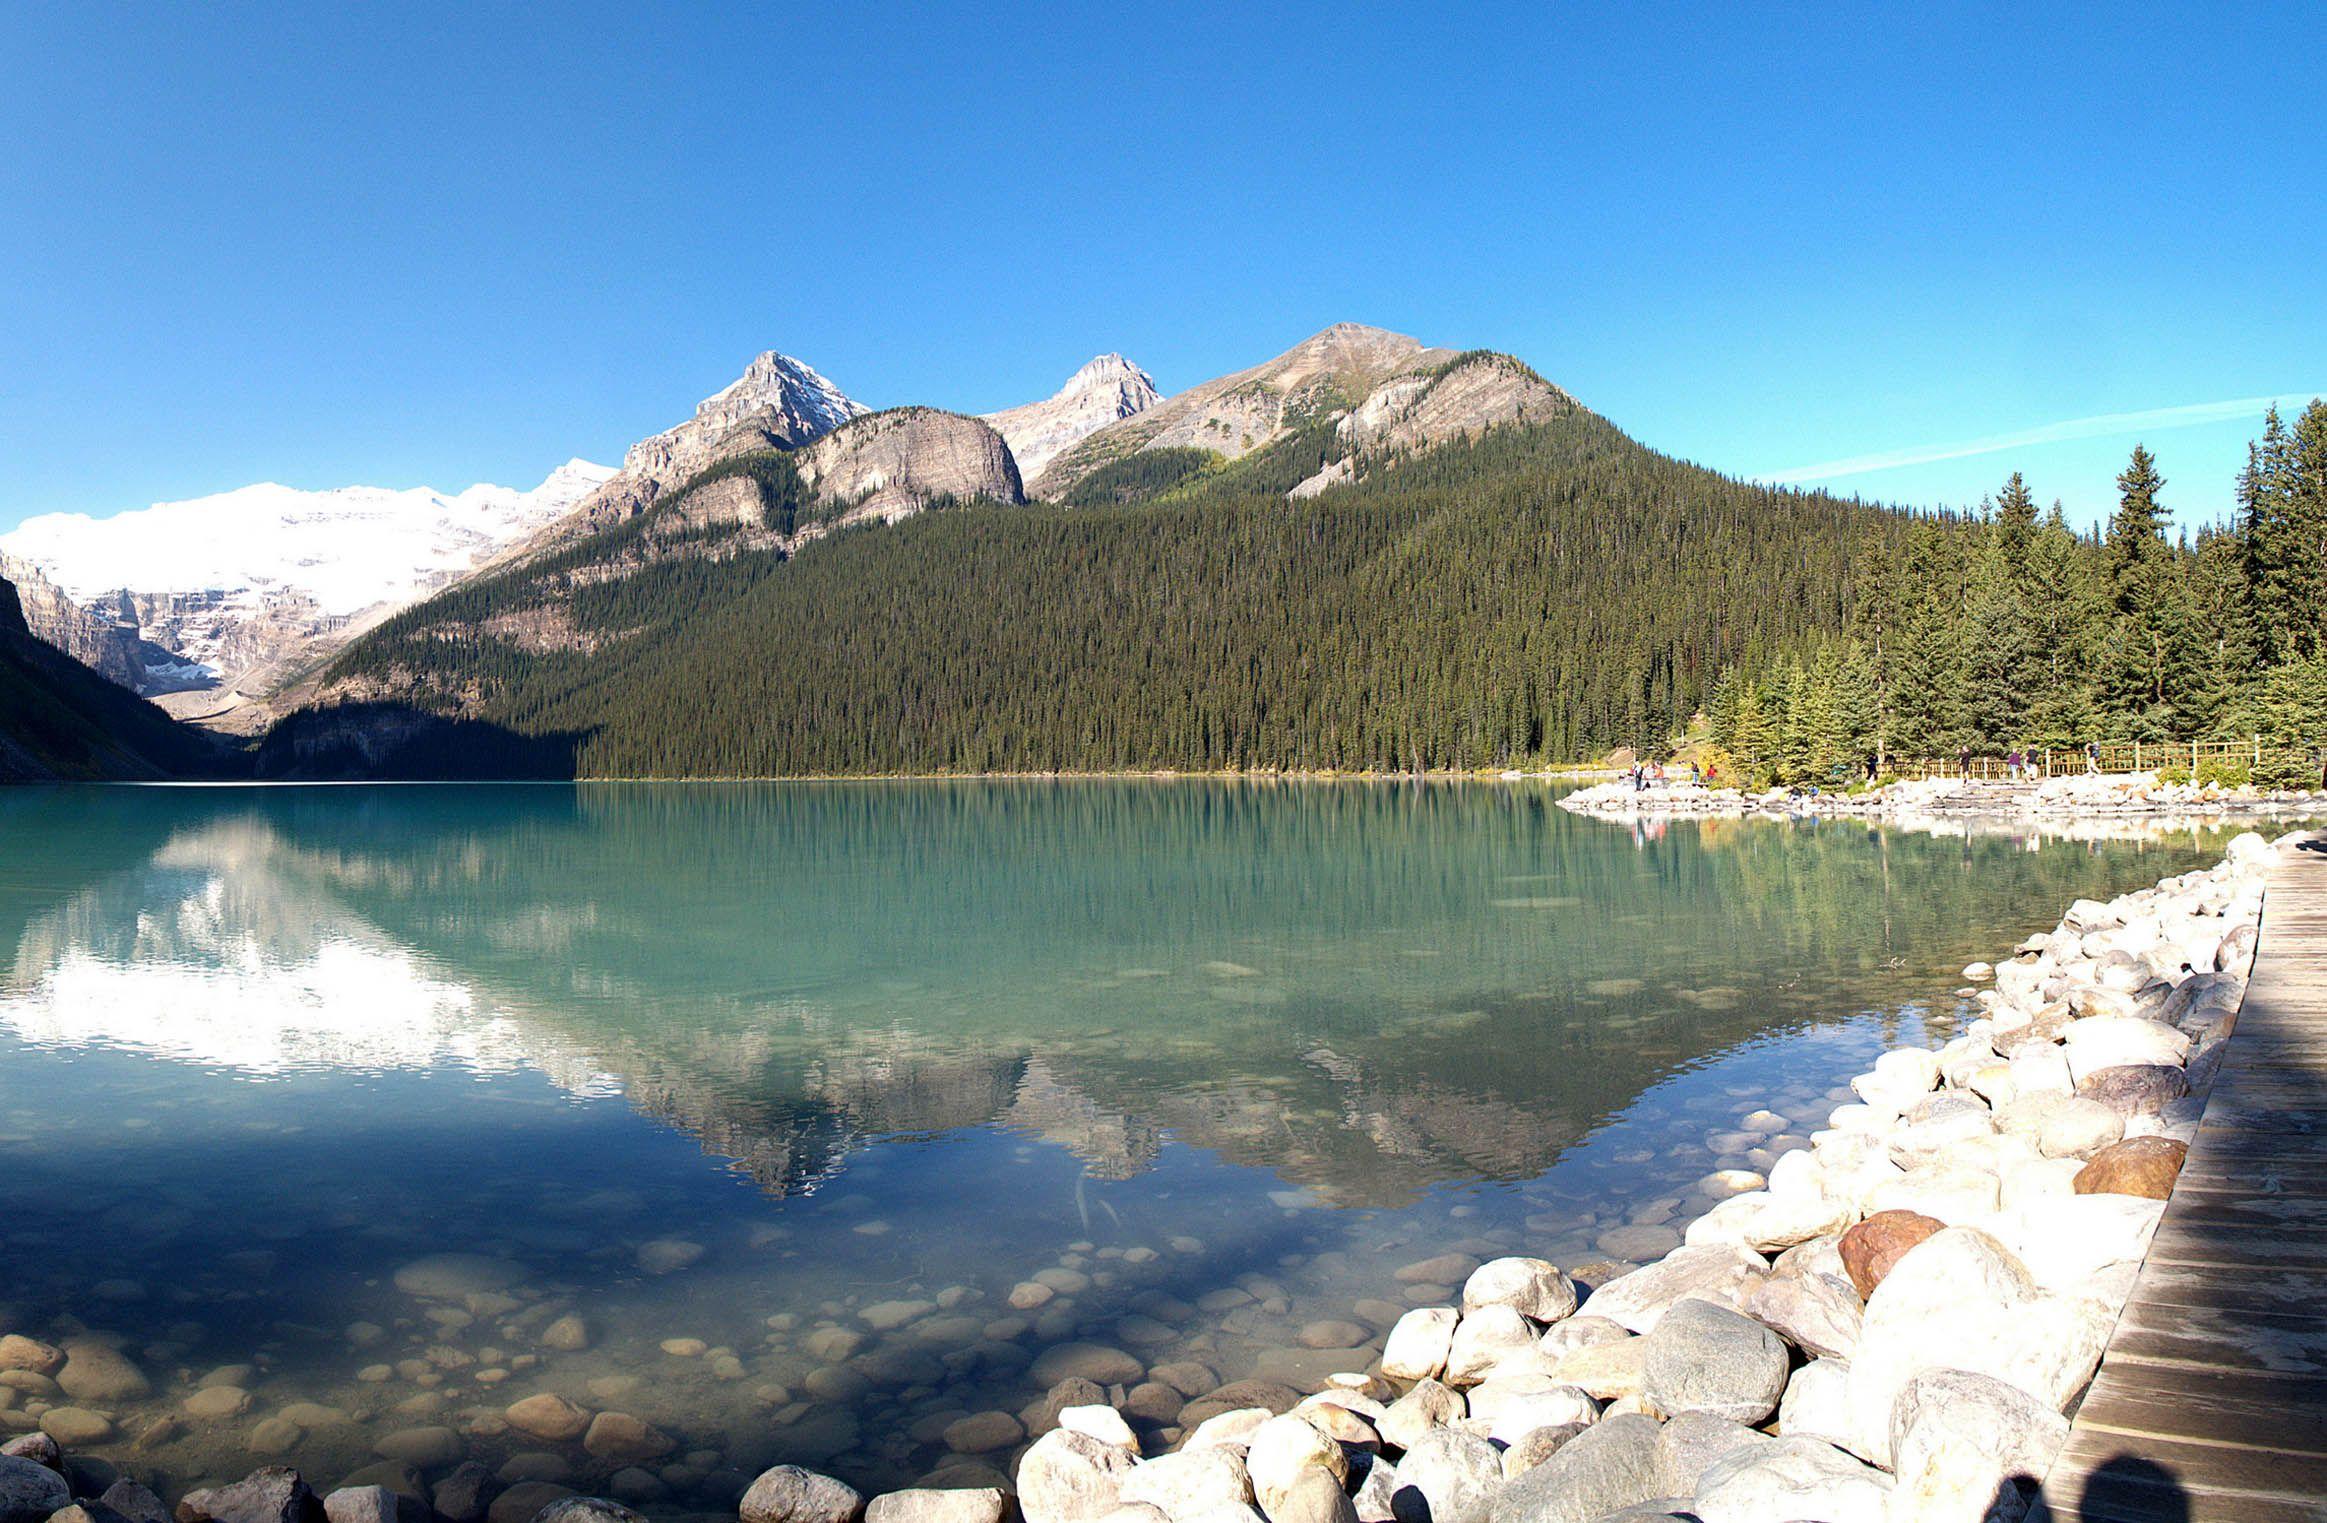 Parco delle montagne rocciose canadesi (CANADA)